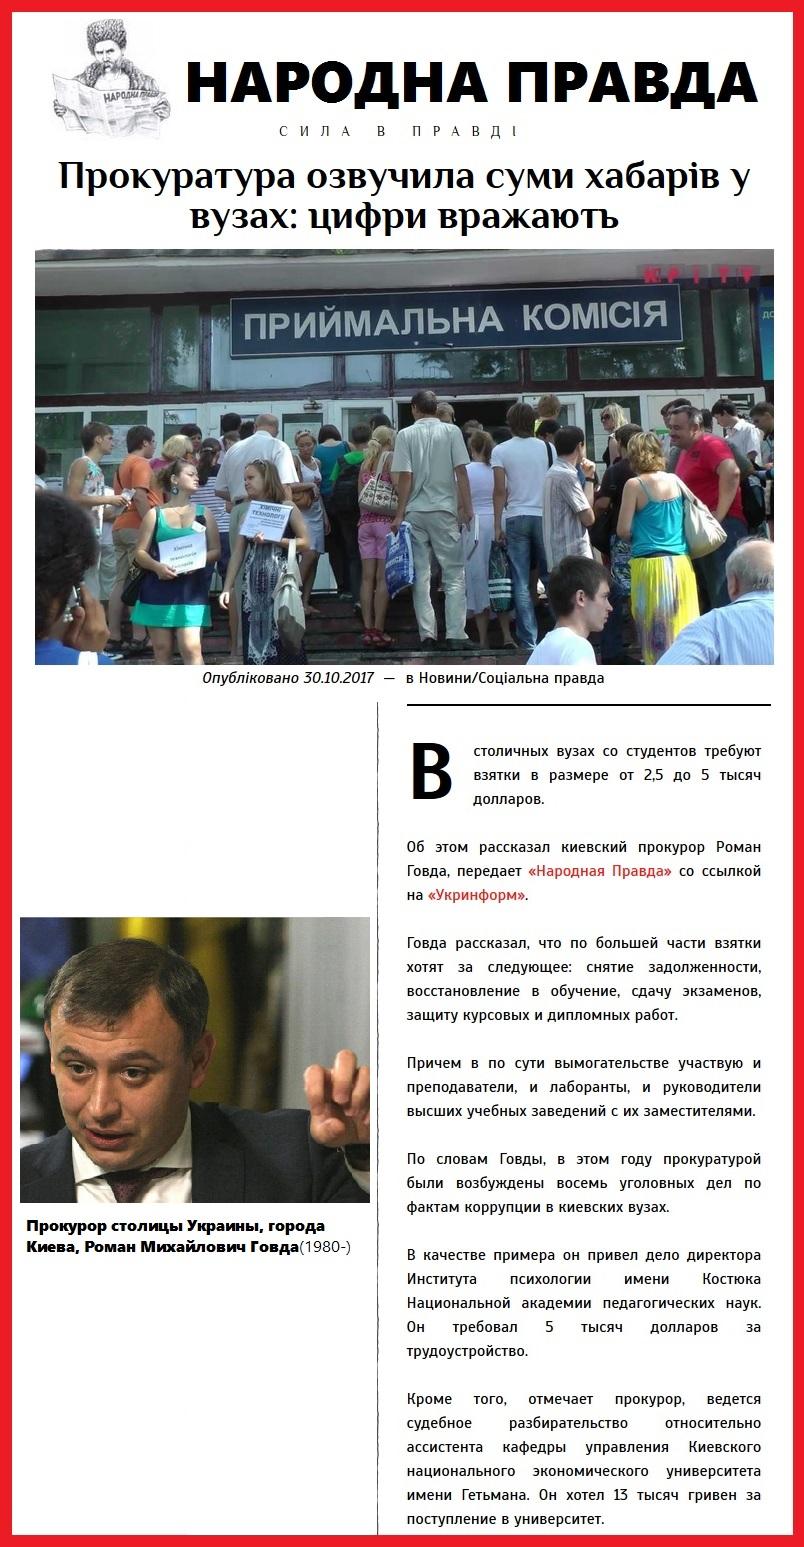 Взятки в ВУЗах, коррупция в Украине и прокурор Киева Роман Говда.